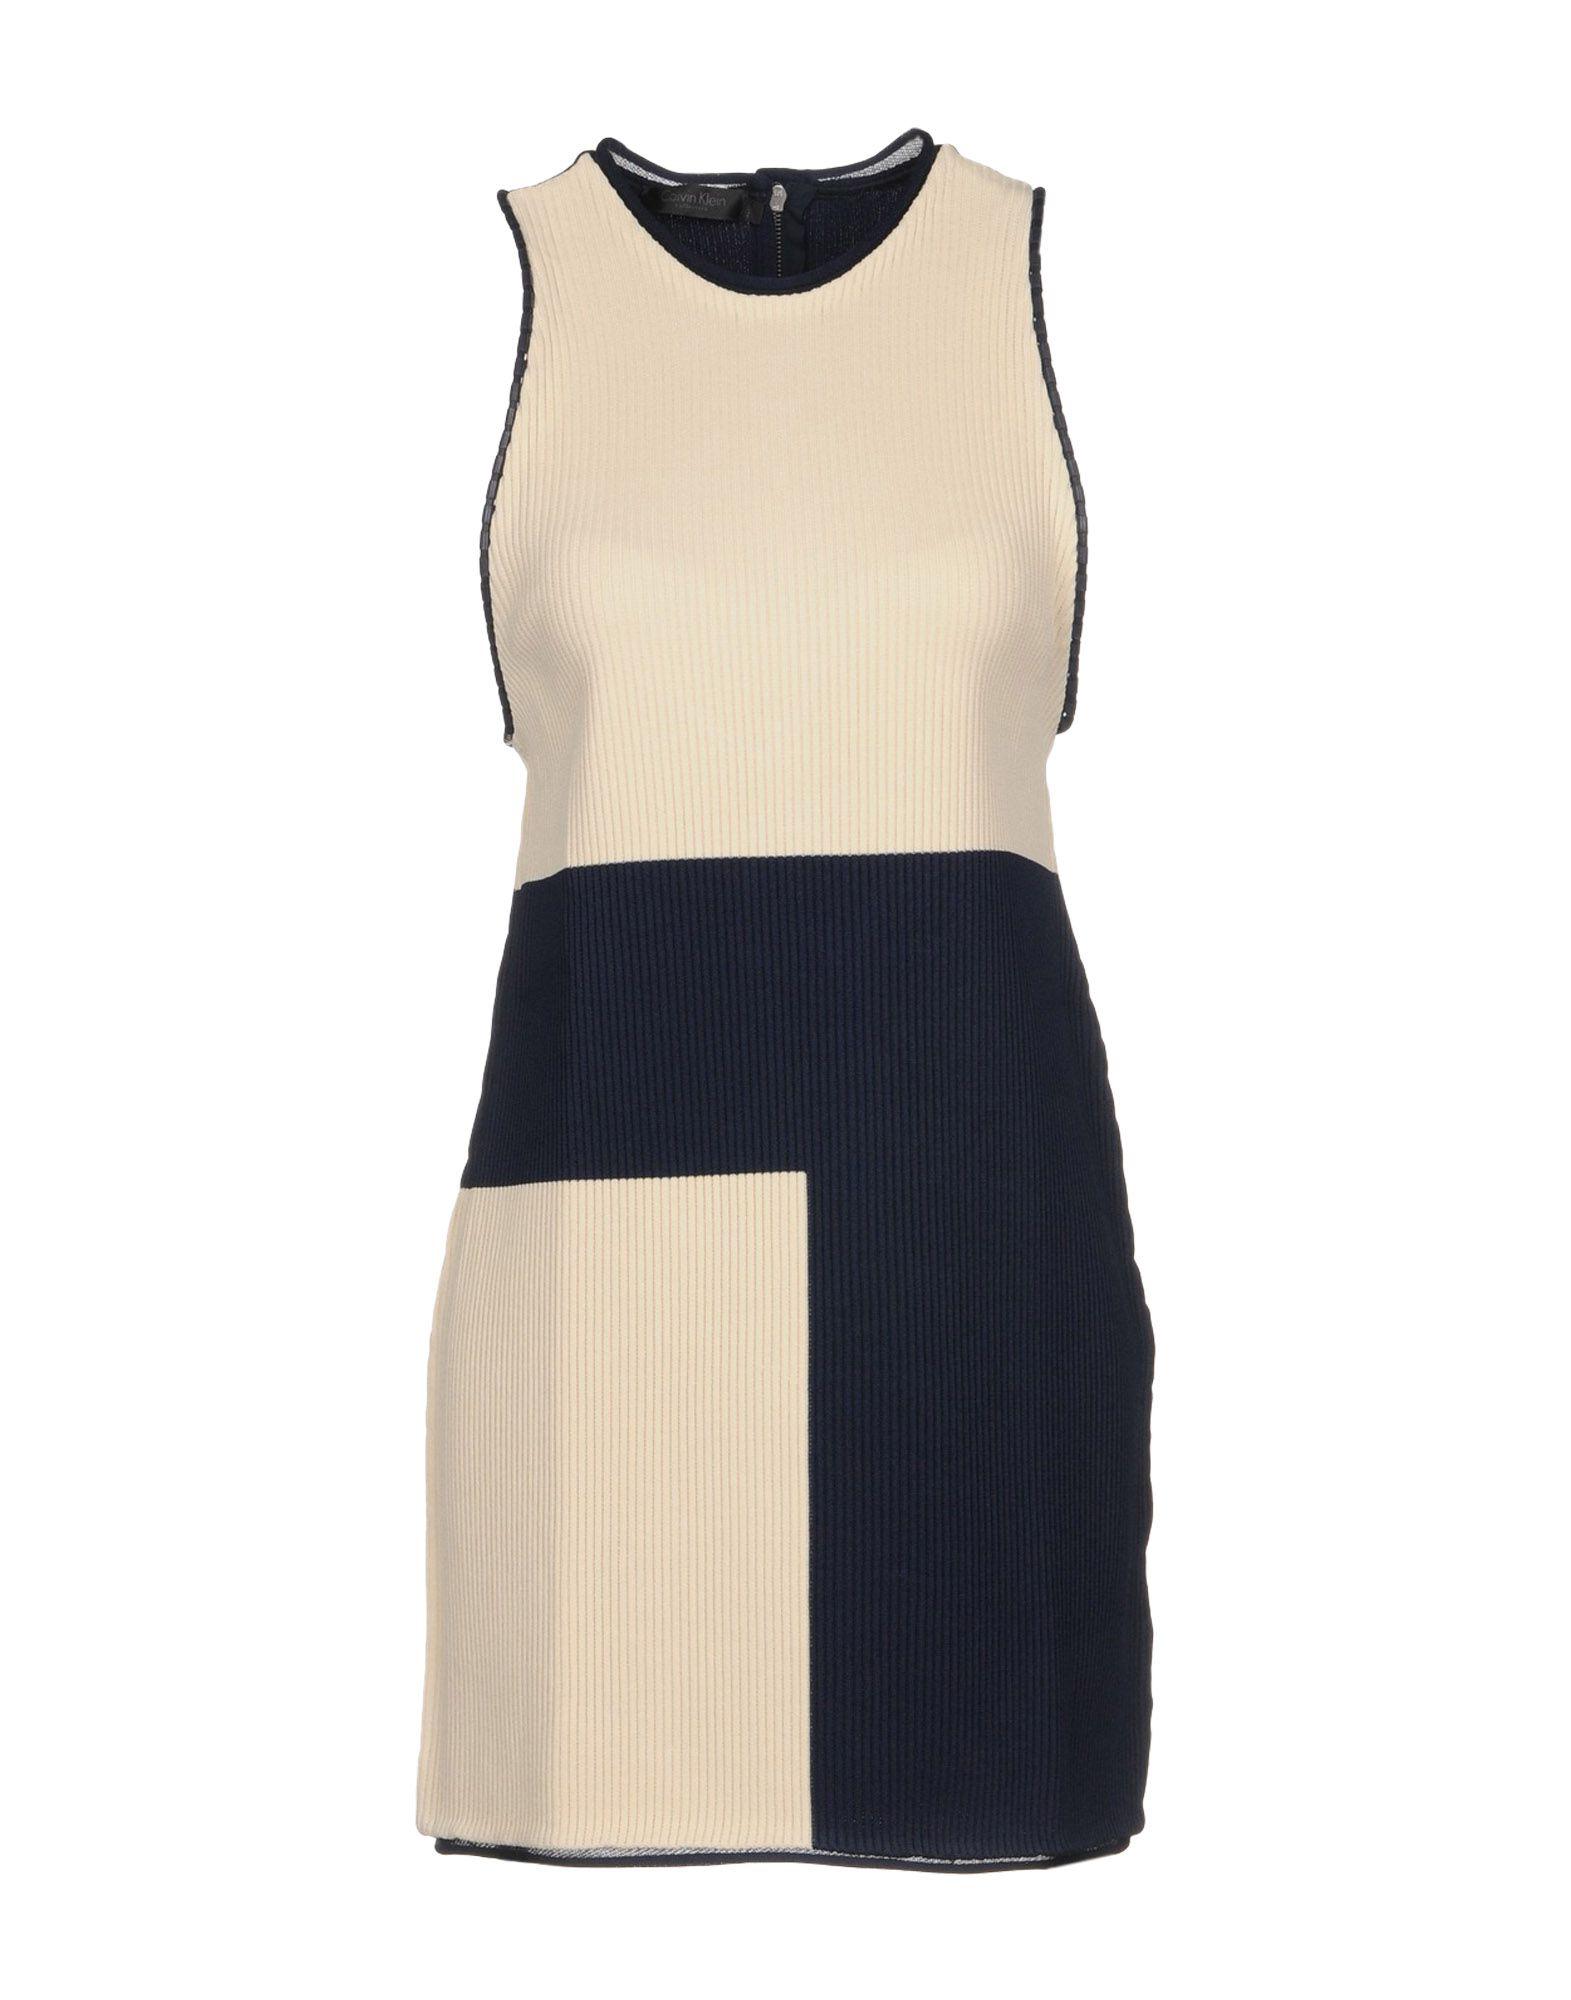 CALVIN KLEIN COLLECTION Короткое платье calvin klein k1s211 20